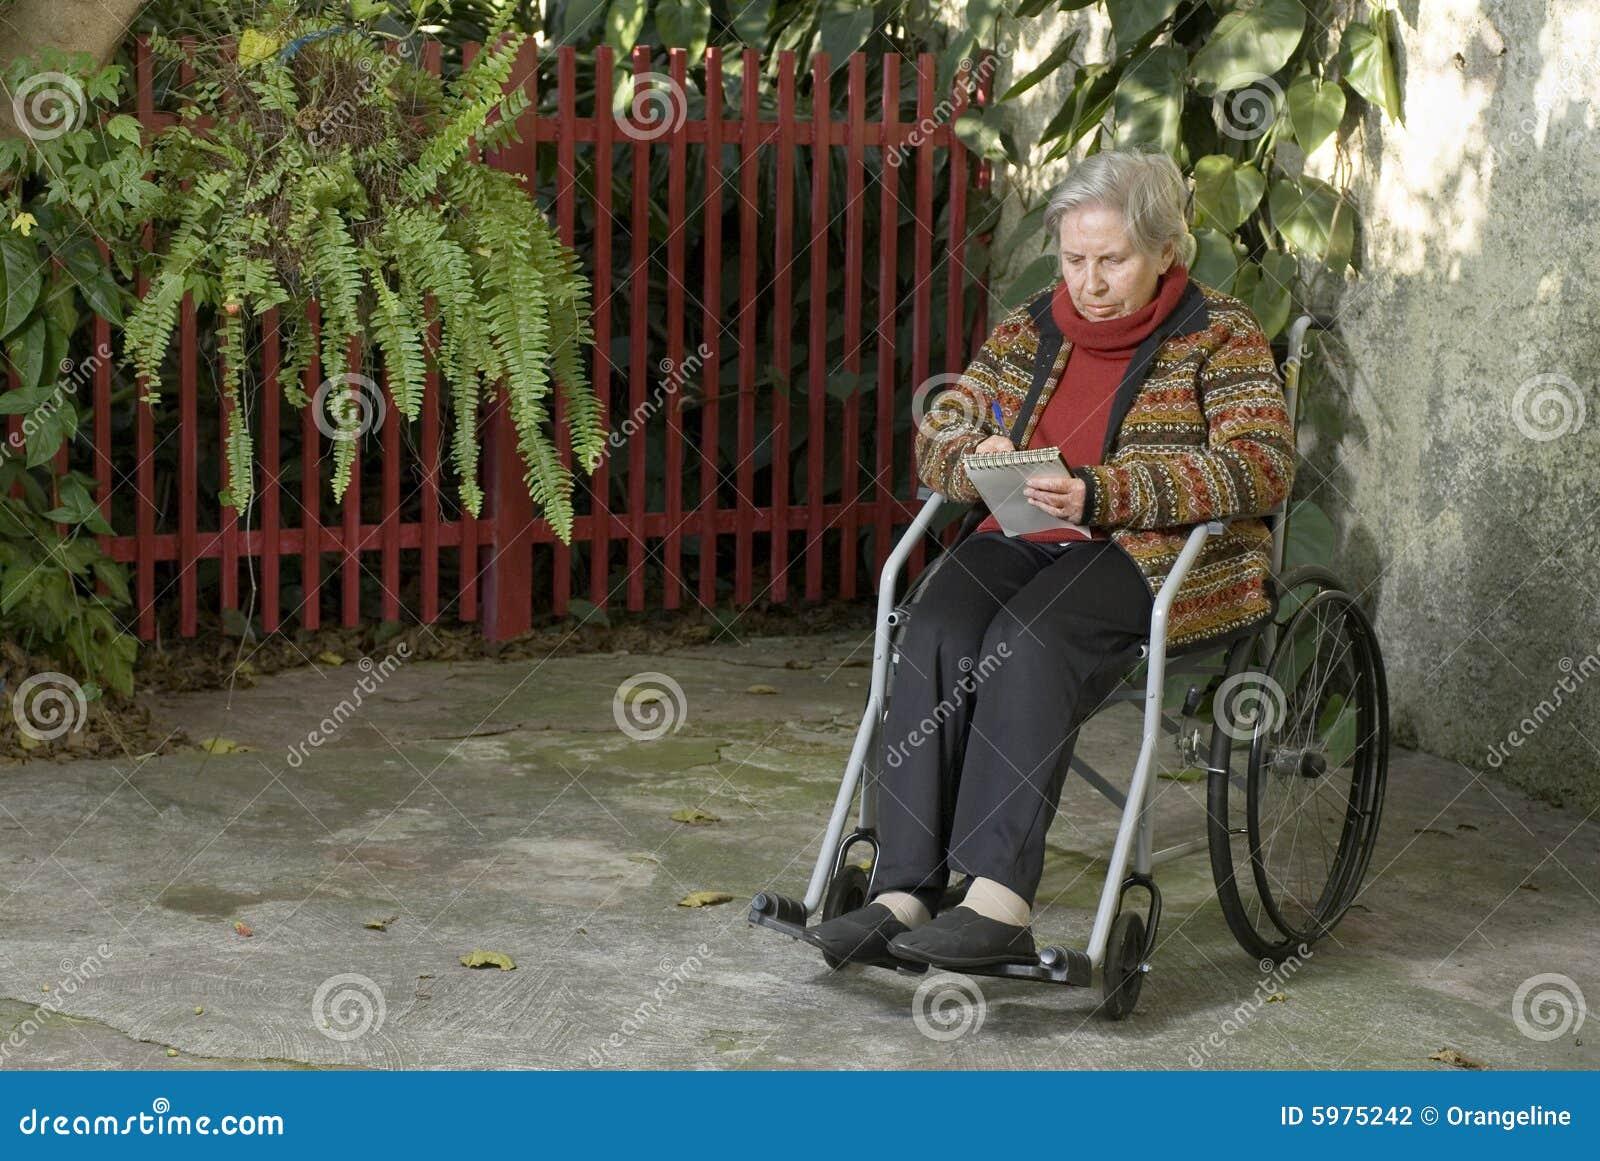 Orizzontale A Anziana Stock In Donna Sedia Fotografia Rotelle mv0wP8nyNO